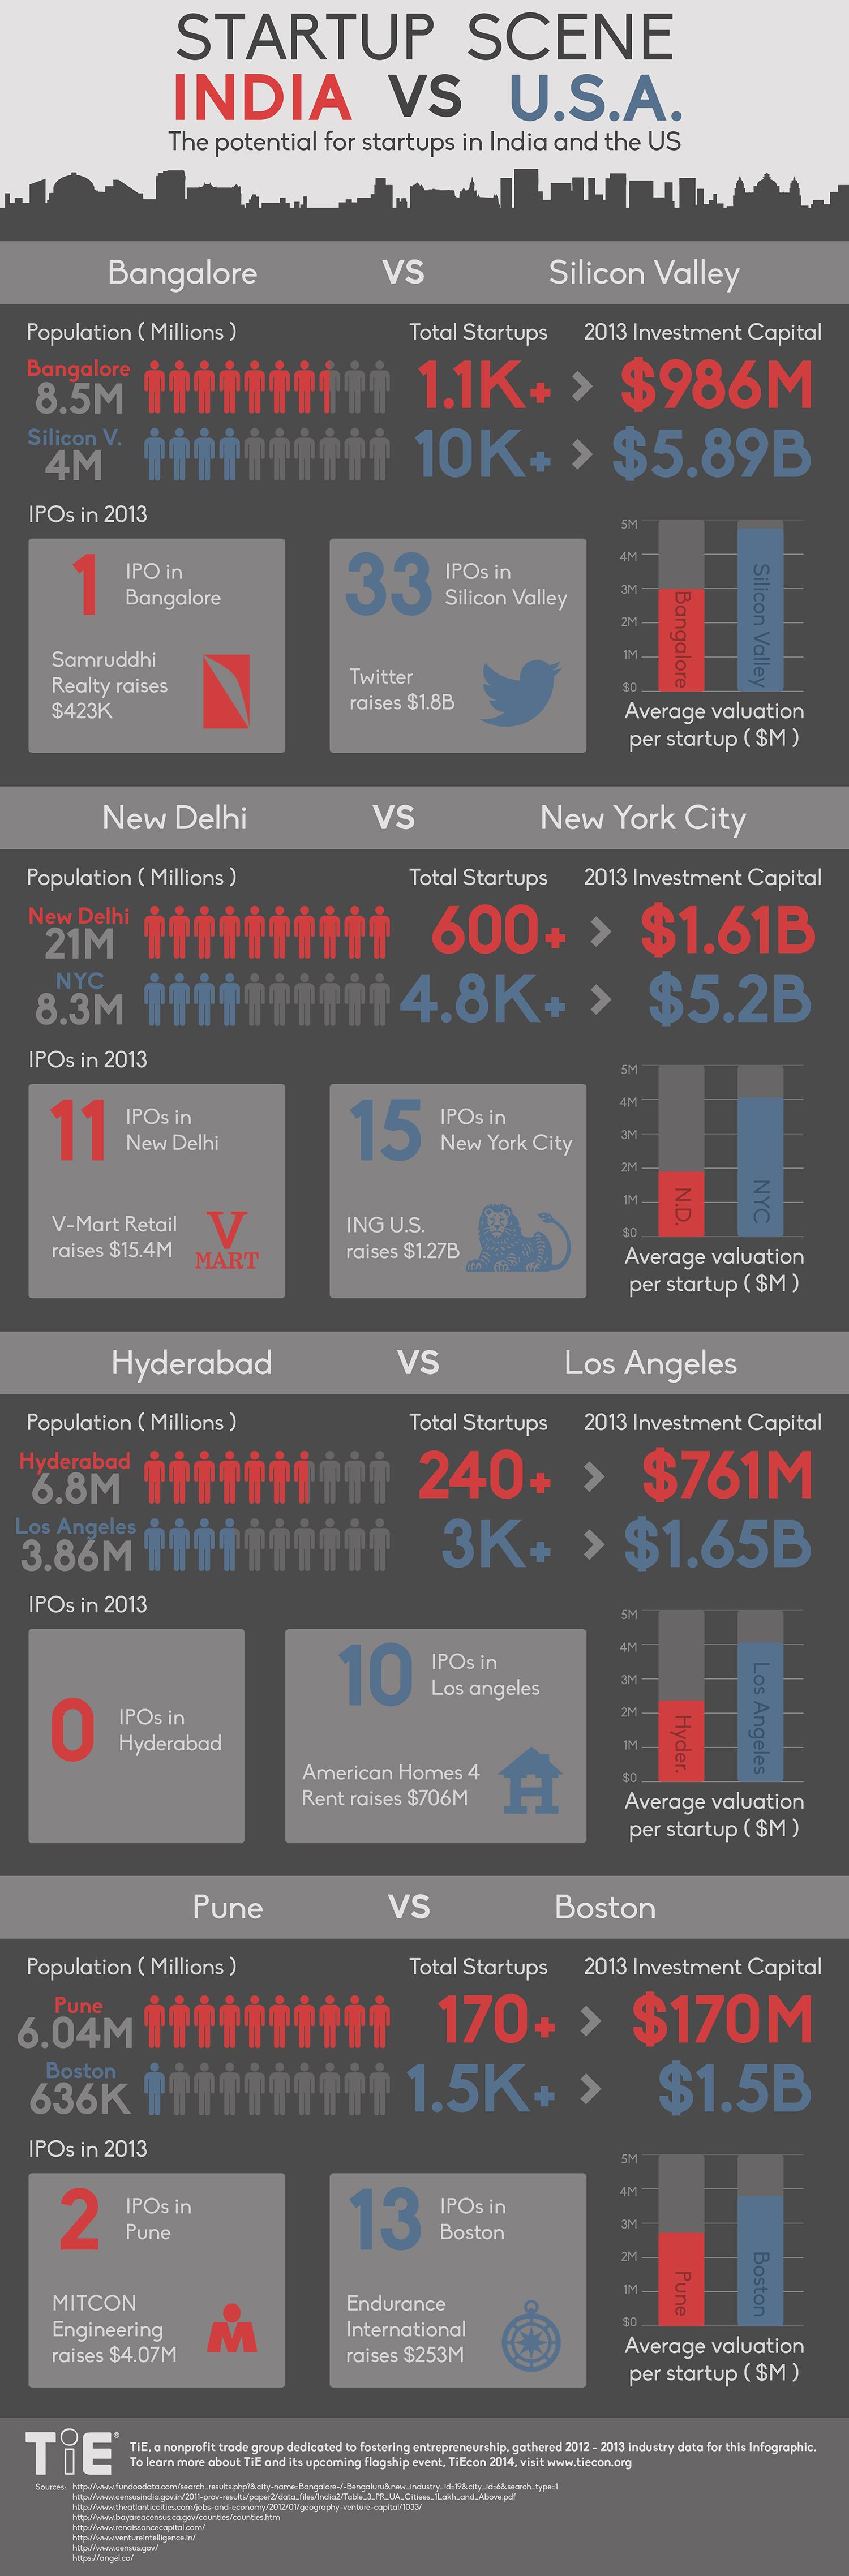 Startup scene in India vs USA